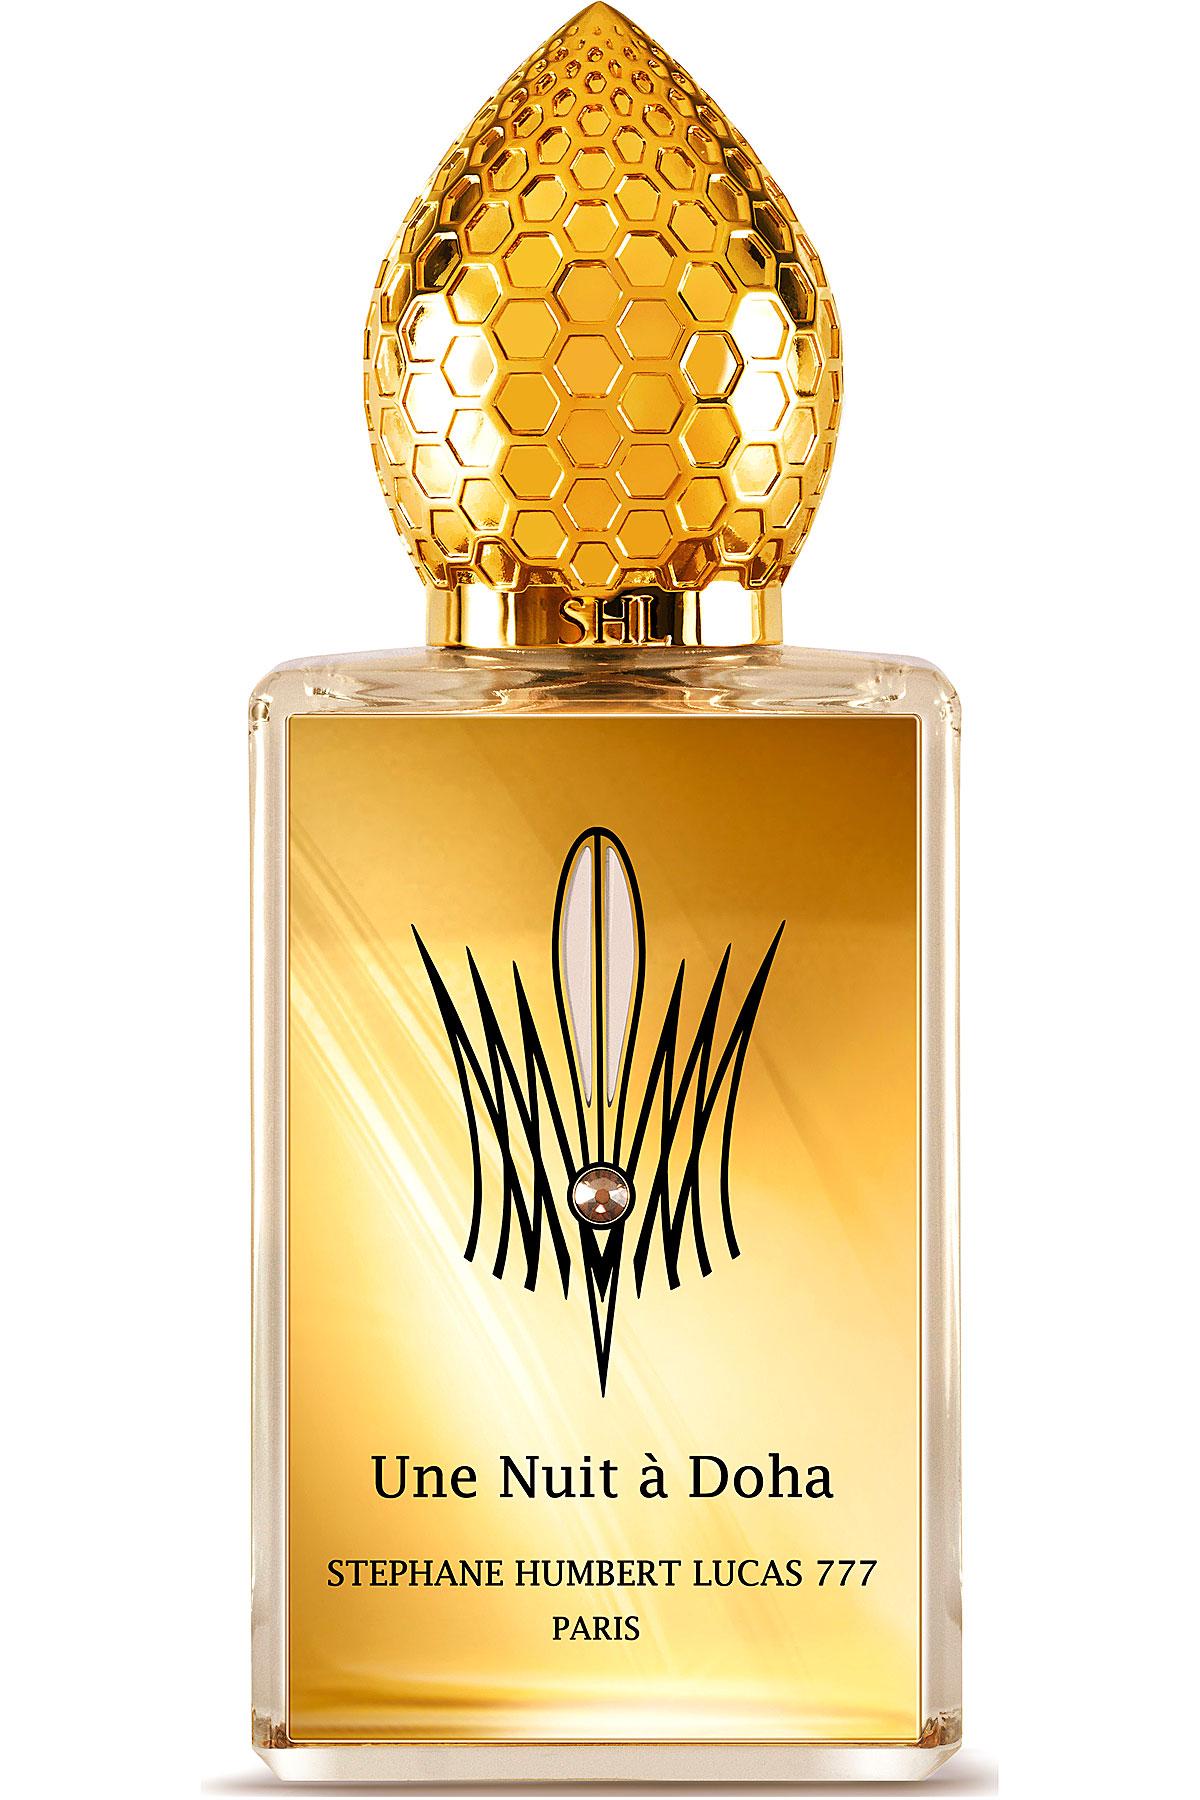 Stephane Humbert Lucas 777 Paris Fragrances for Men, Une Nuit A Doha - Eau De Parfum - 50 Ml, 2019, 50 ml